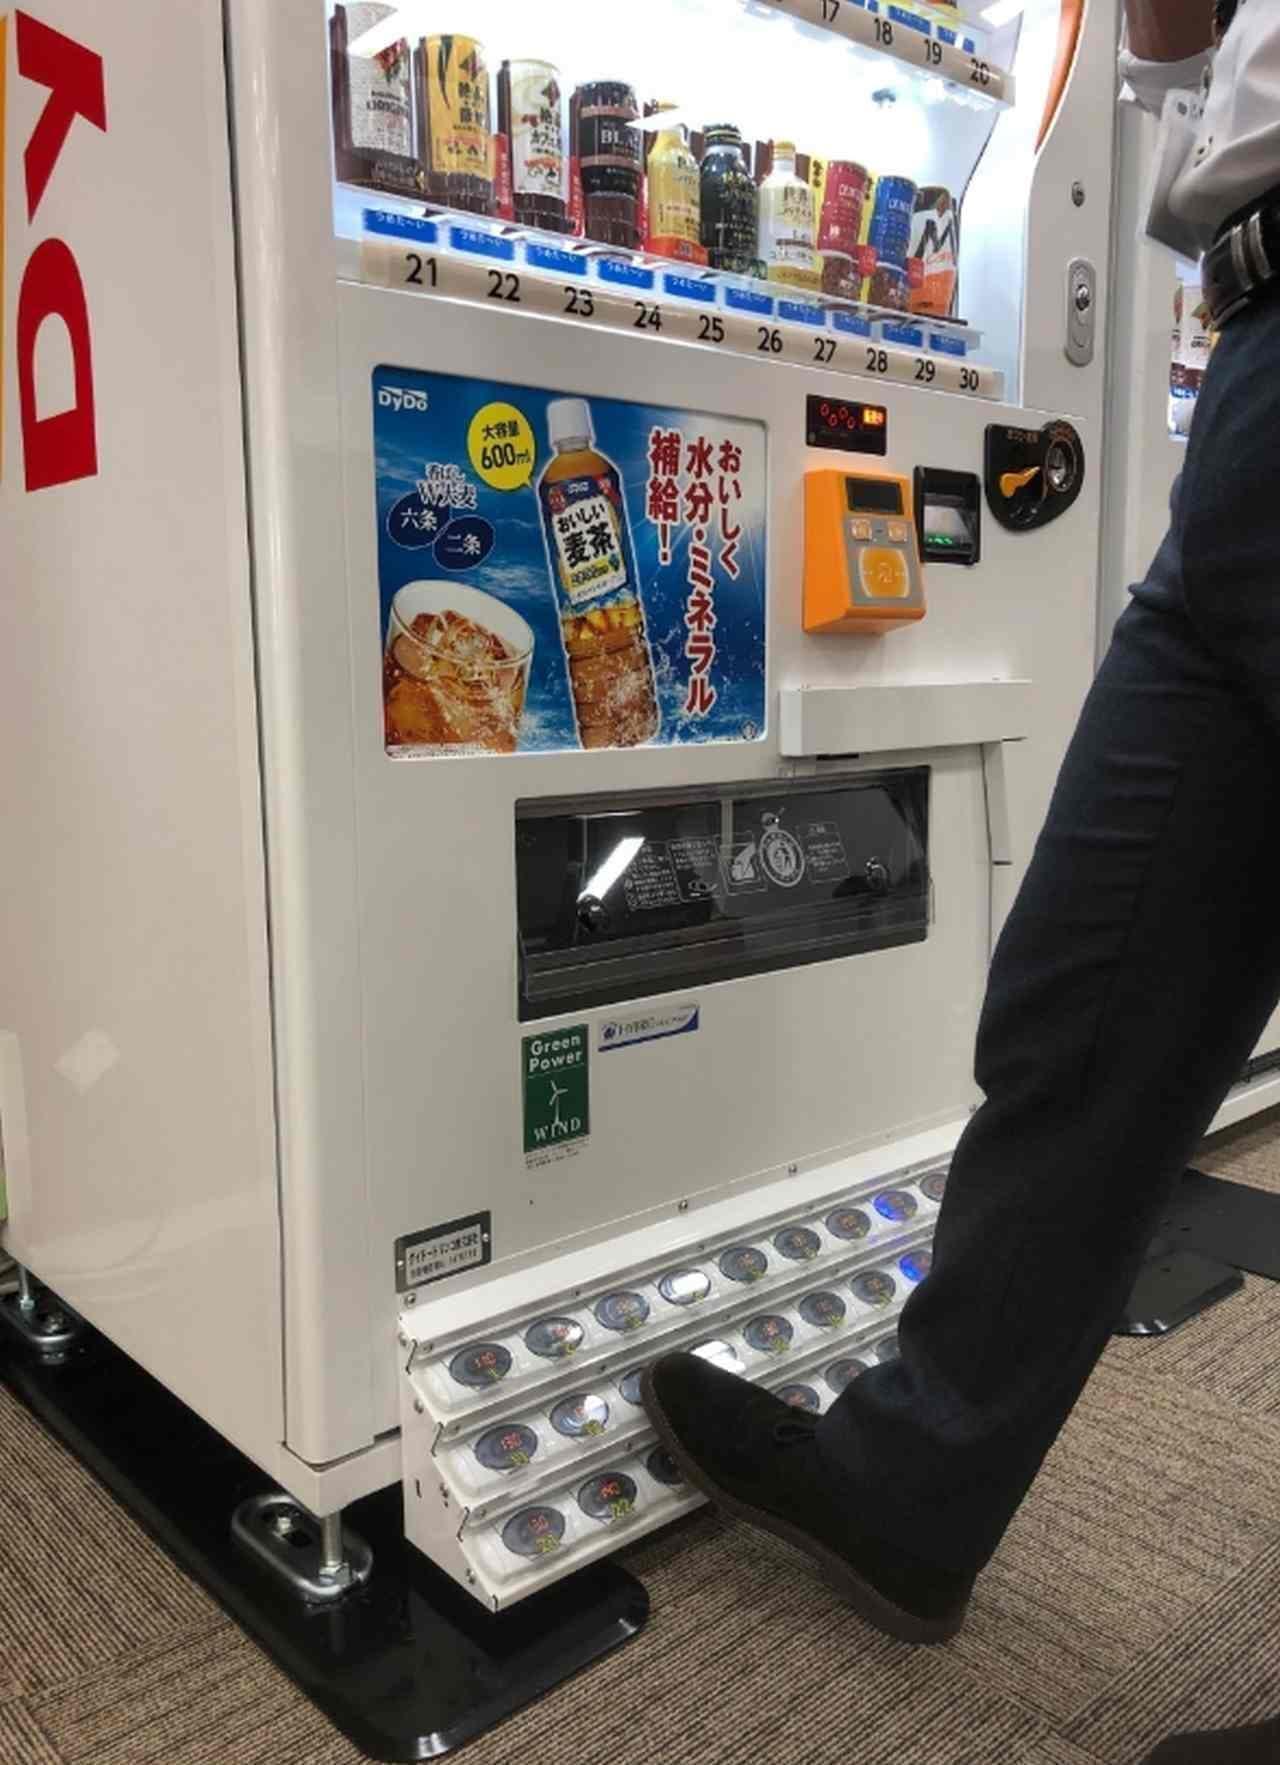 【新型コロナ対策】足で買う自動販売機 ダイドードリンコが実証実験開始